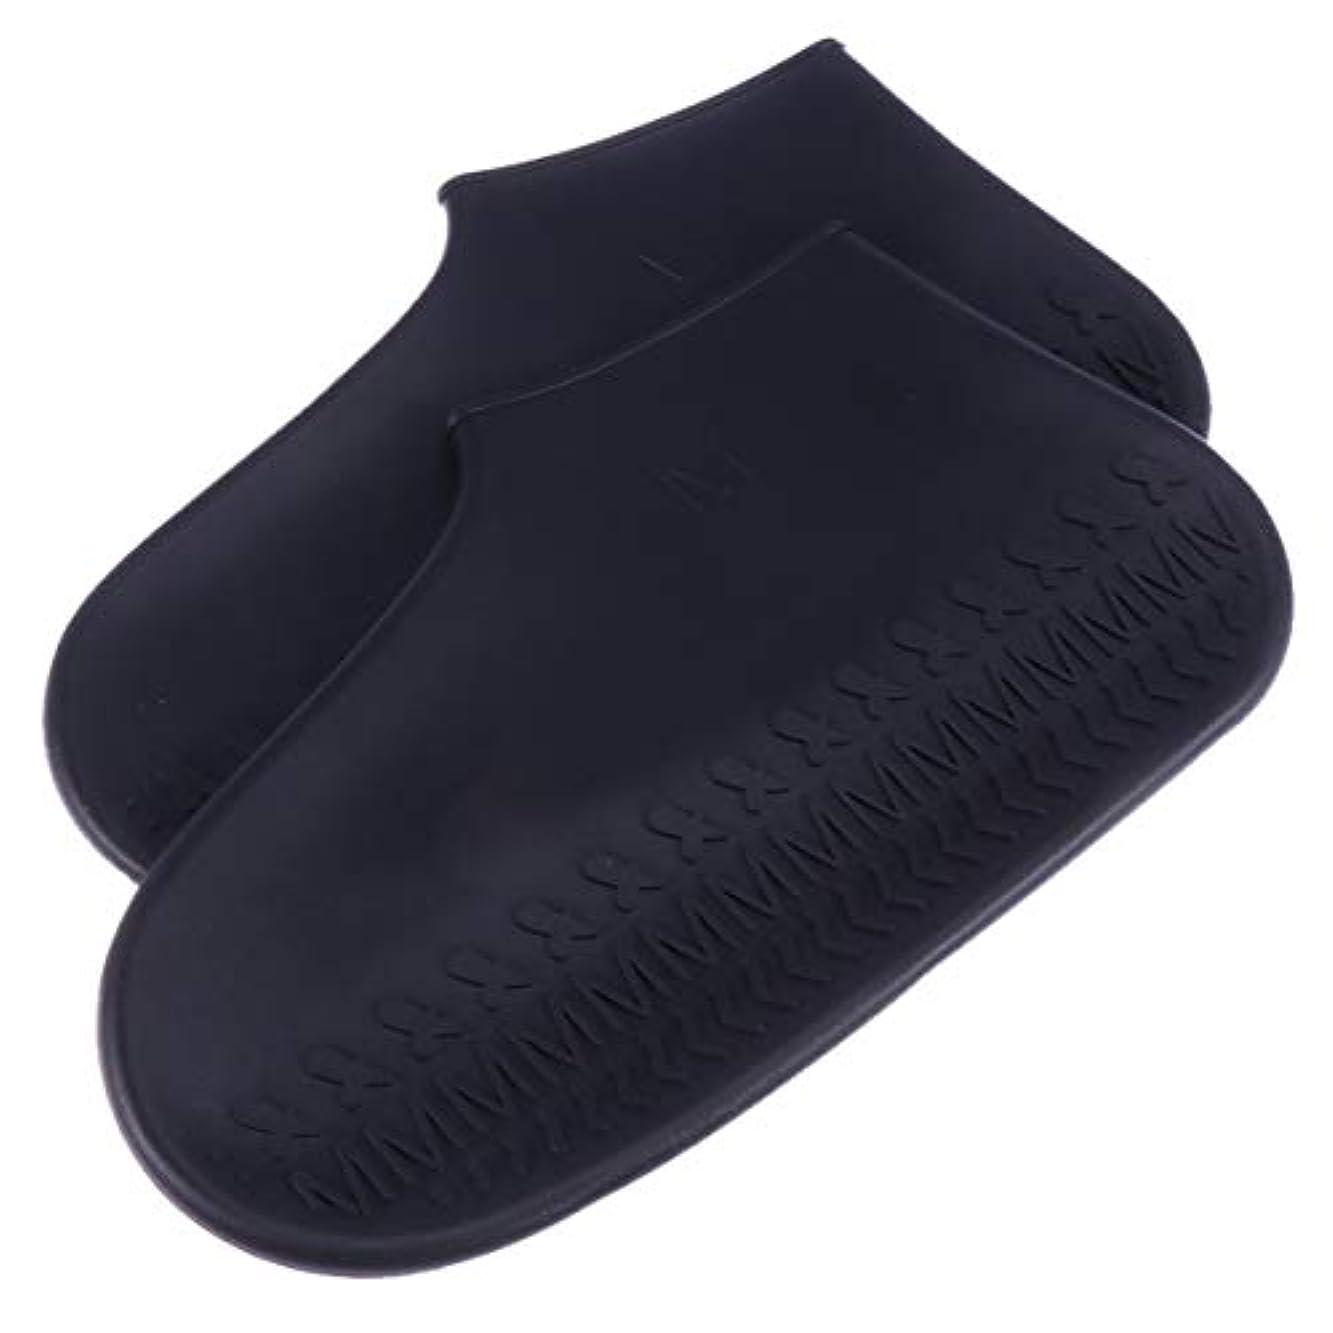 バレーボール等価王子Healifty 滑り止め靴カバーブーツカバーサイズl(黒)